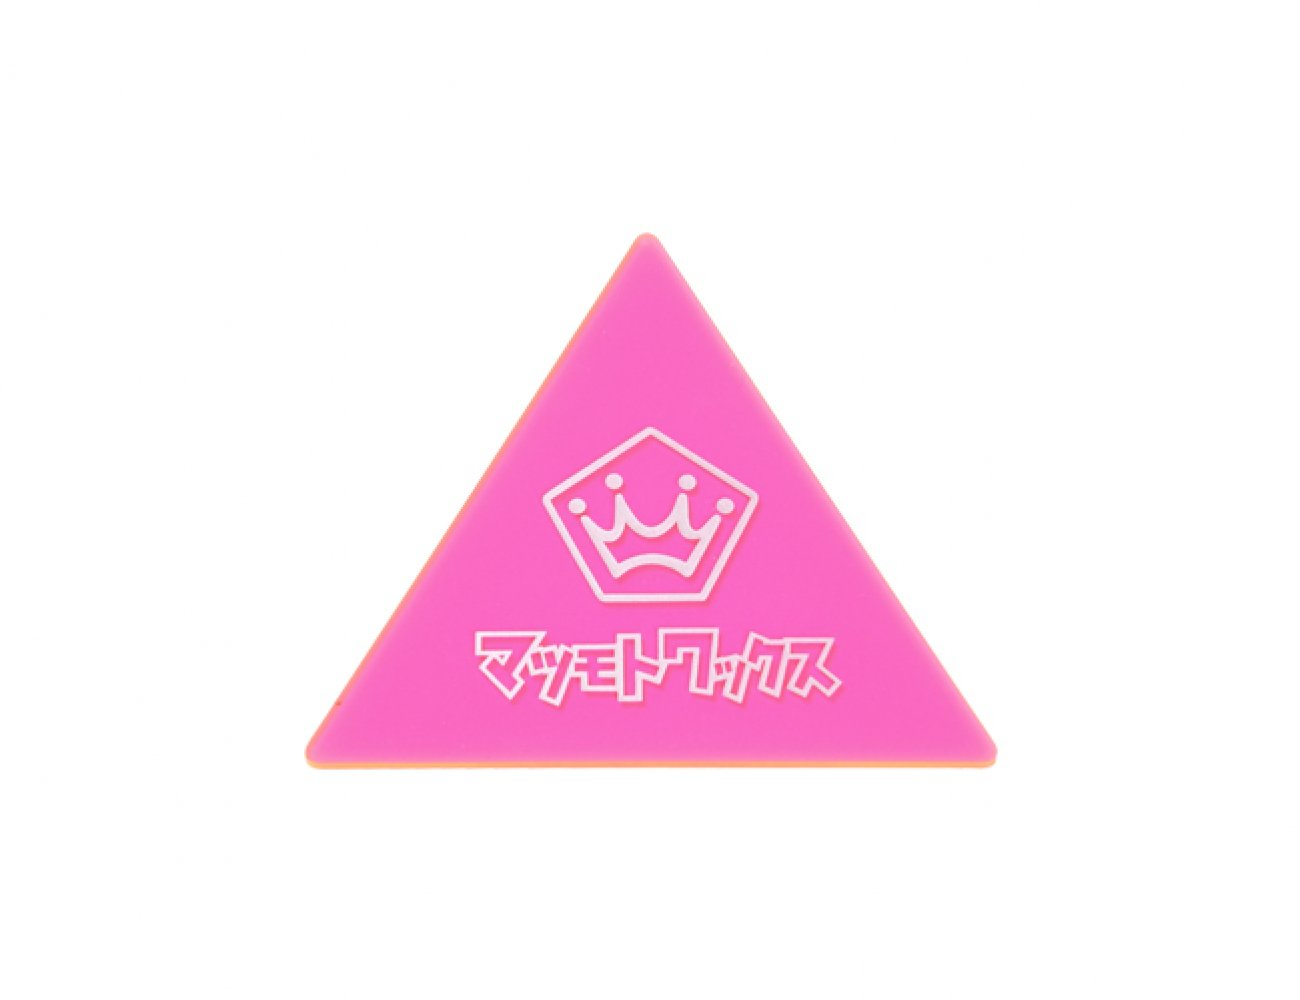 7三角スクレーパー.jpg